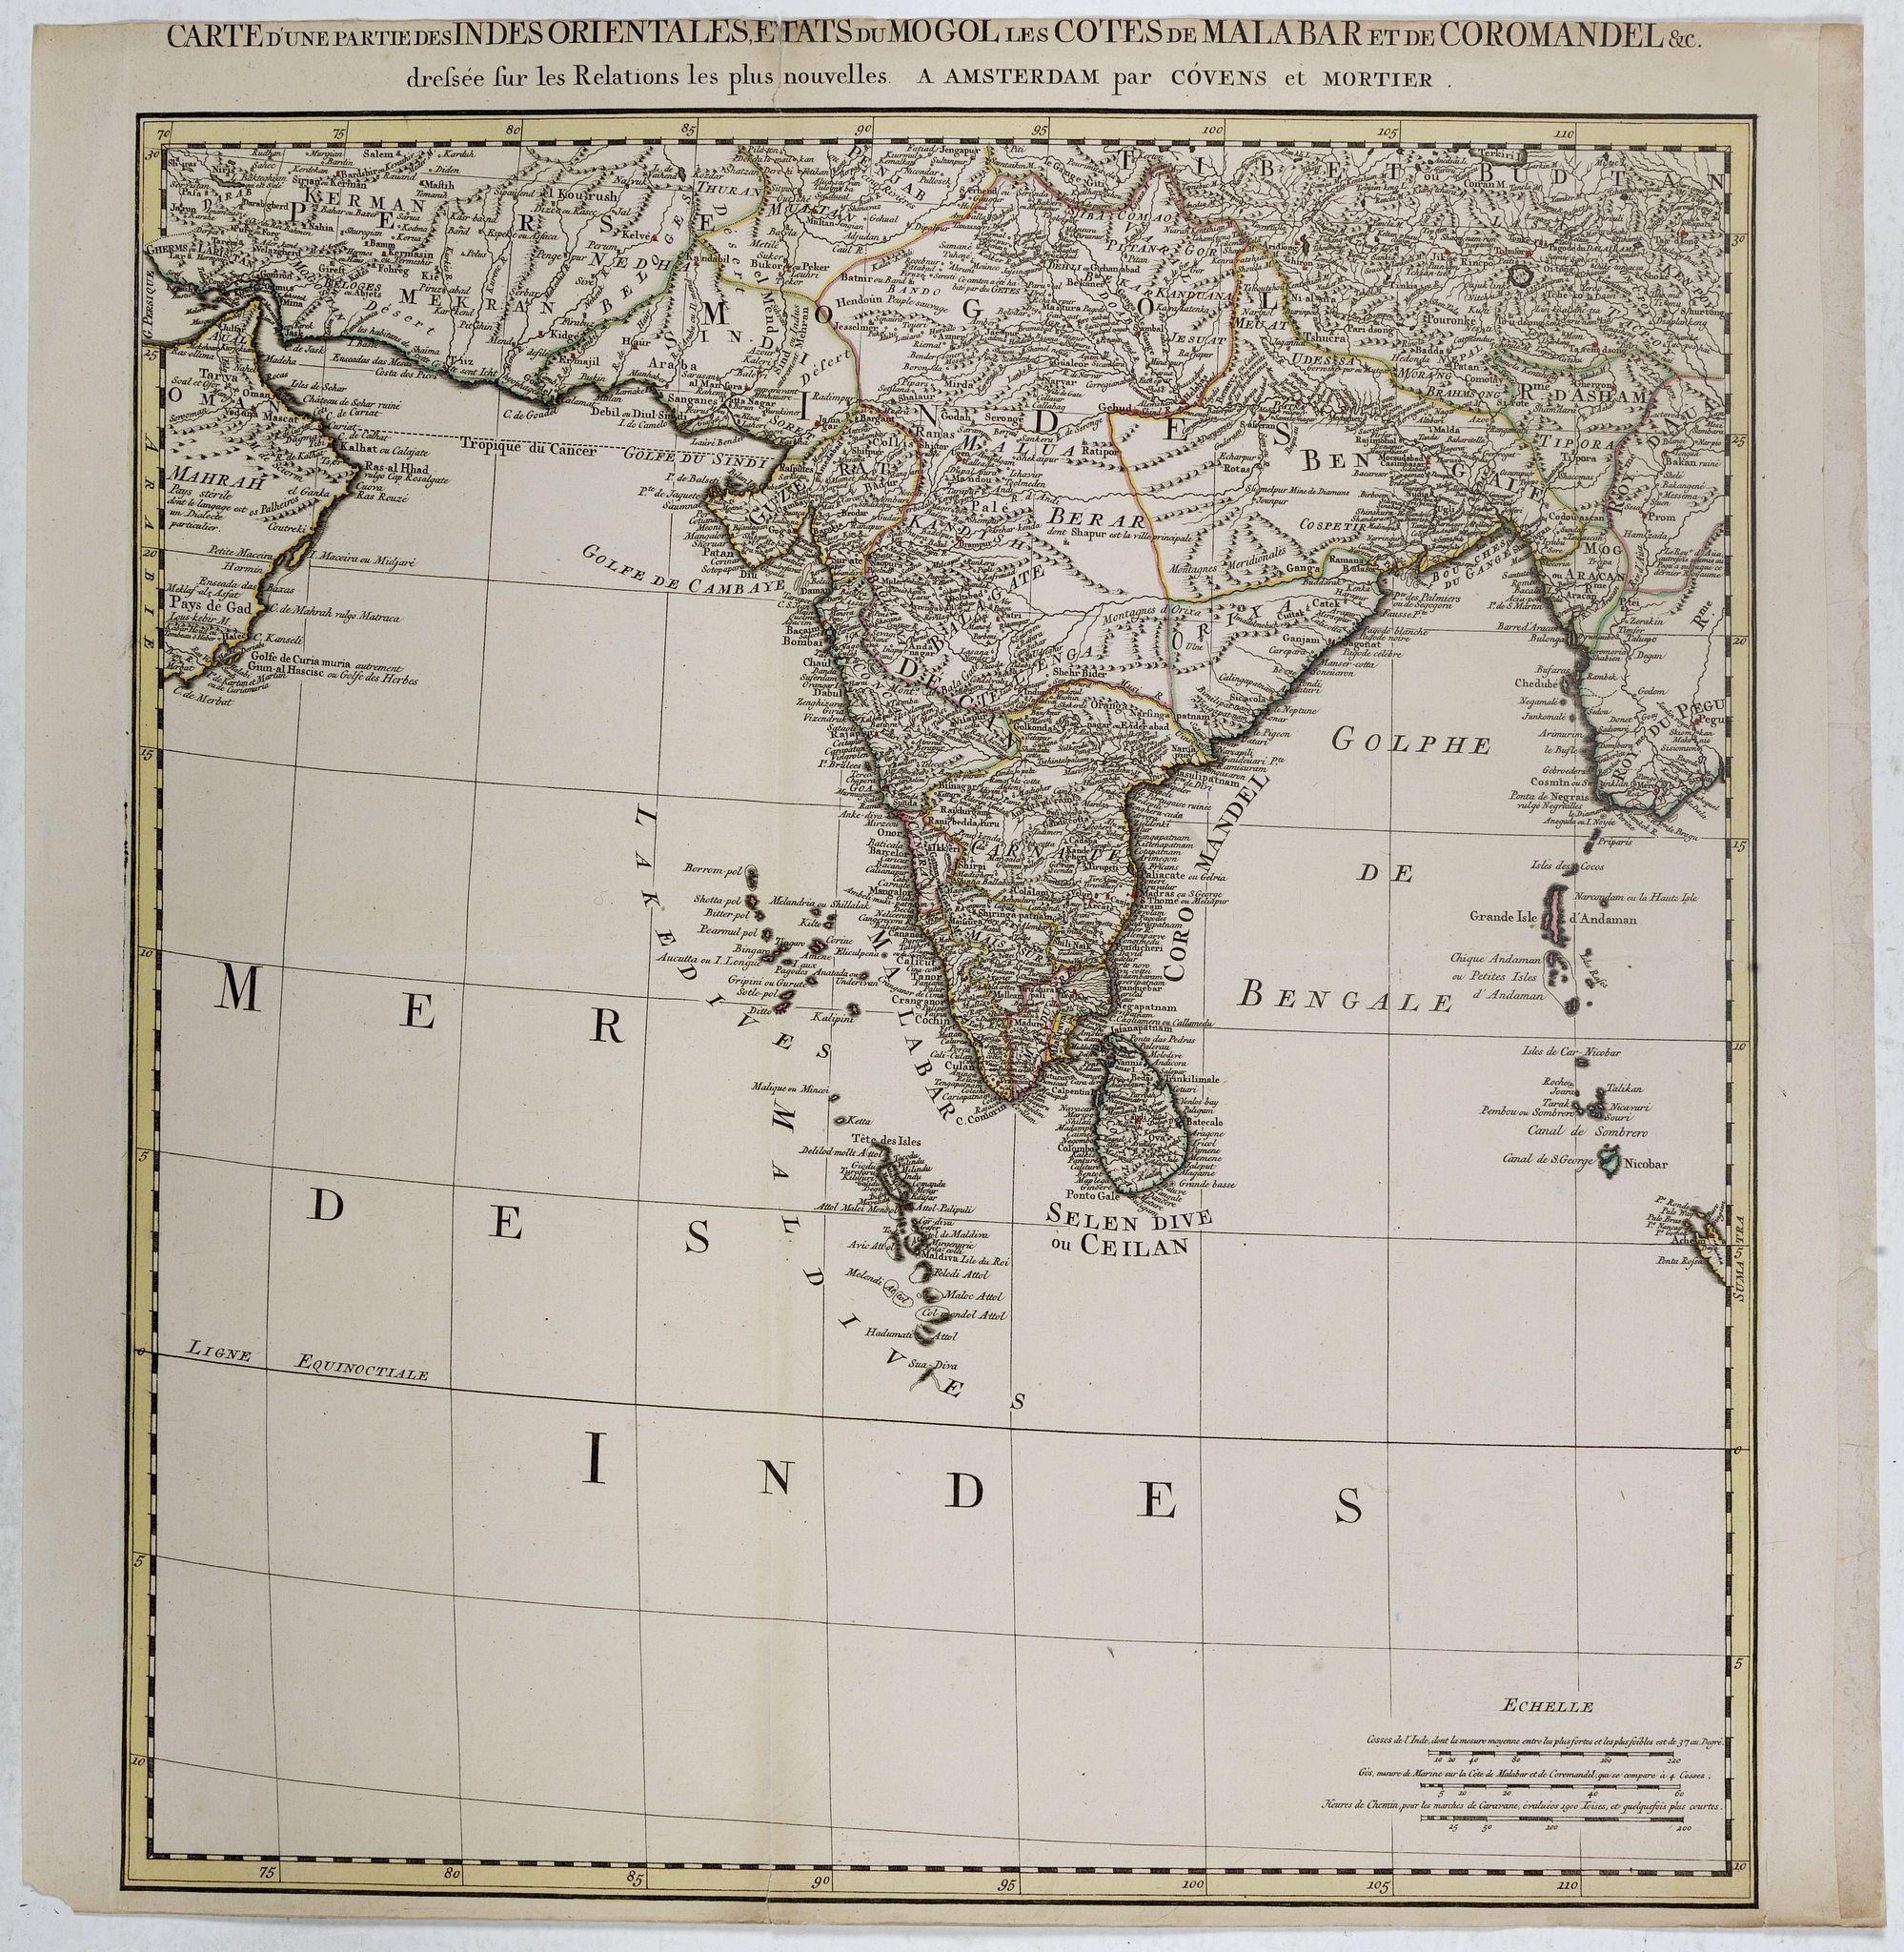 COVENS, J. / MORTIER, C. -  Carte d'une Partie des Indes Orientales, Etats du Mogol les Cotes de Malabar et de Coromandel.